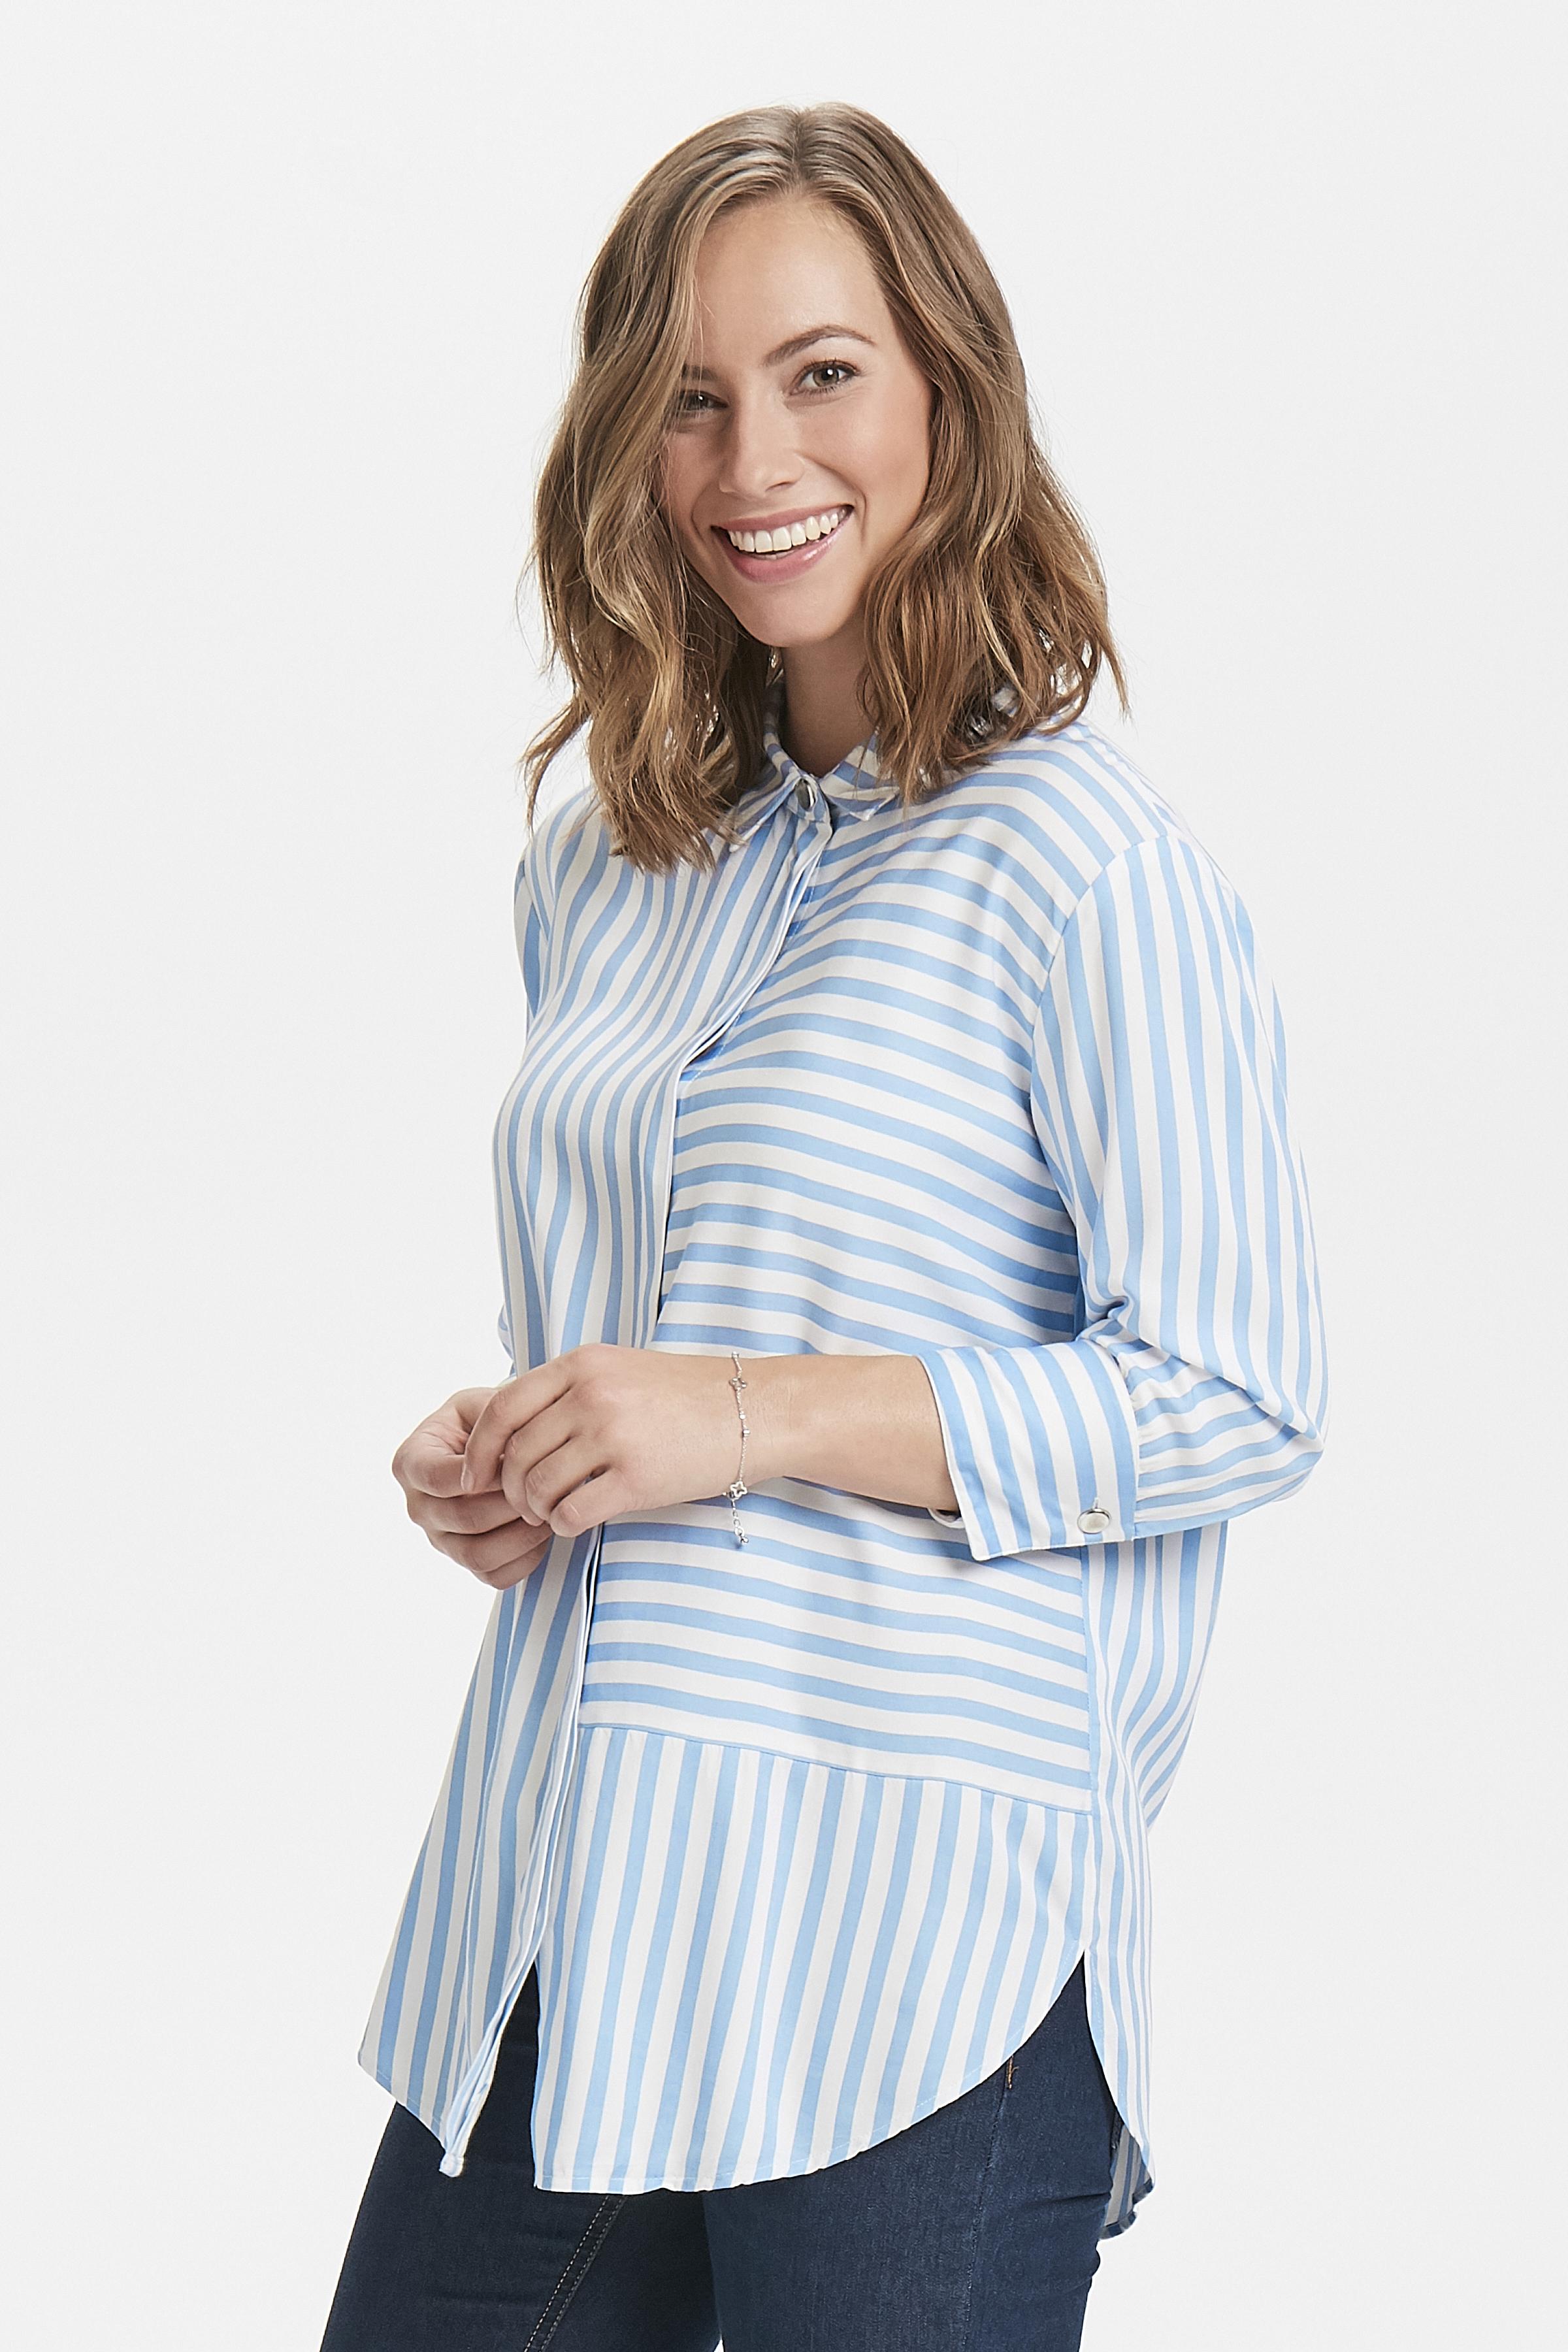 Vit/ljusblå Långärmad skjorta från Fransa – Köp Vit/ljusblå Långärmad skjorta från stl. XS-XXL här